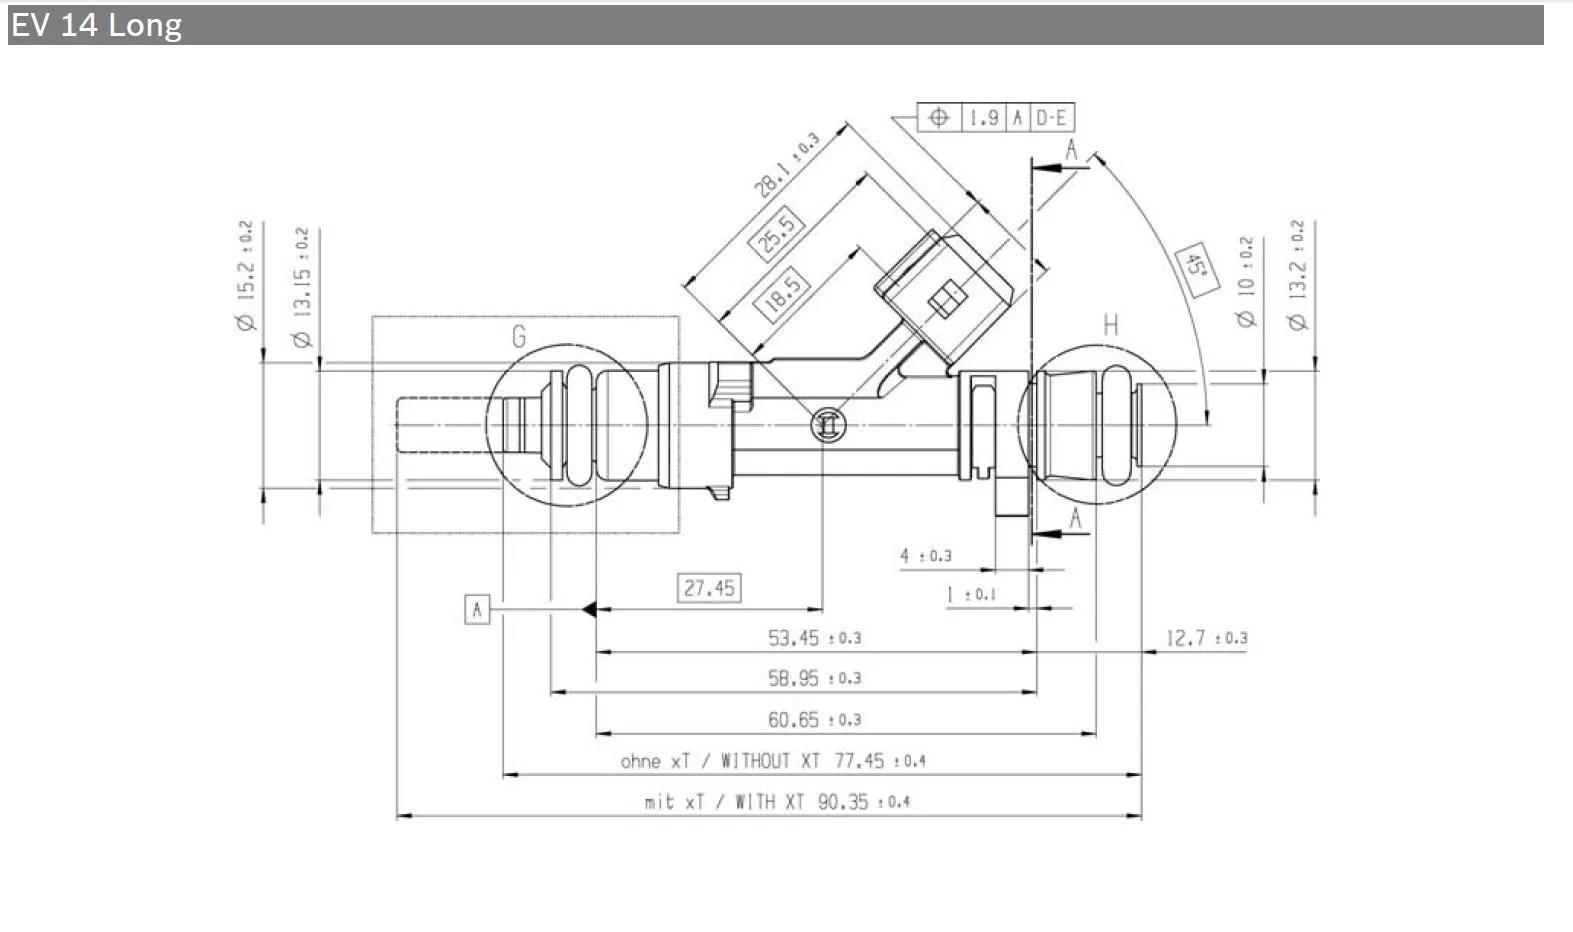 Ev14 Fuel Injectors